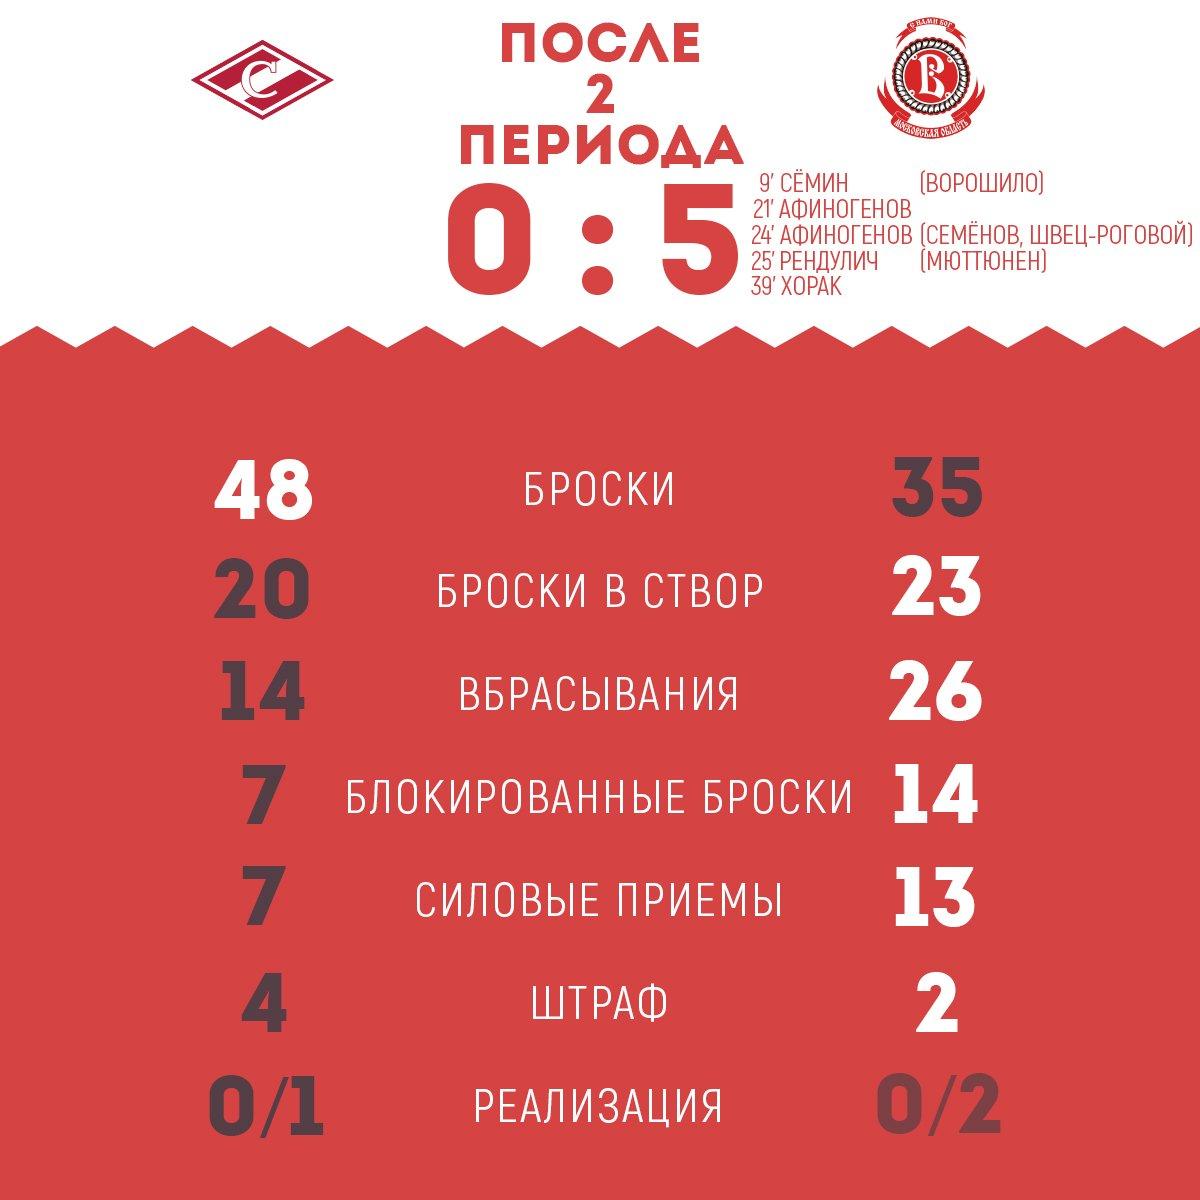 Статистика матча «Спартак» vs «Витязь» после 2-х периодов